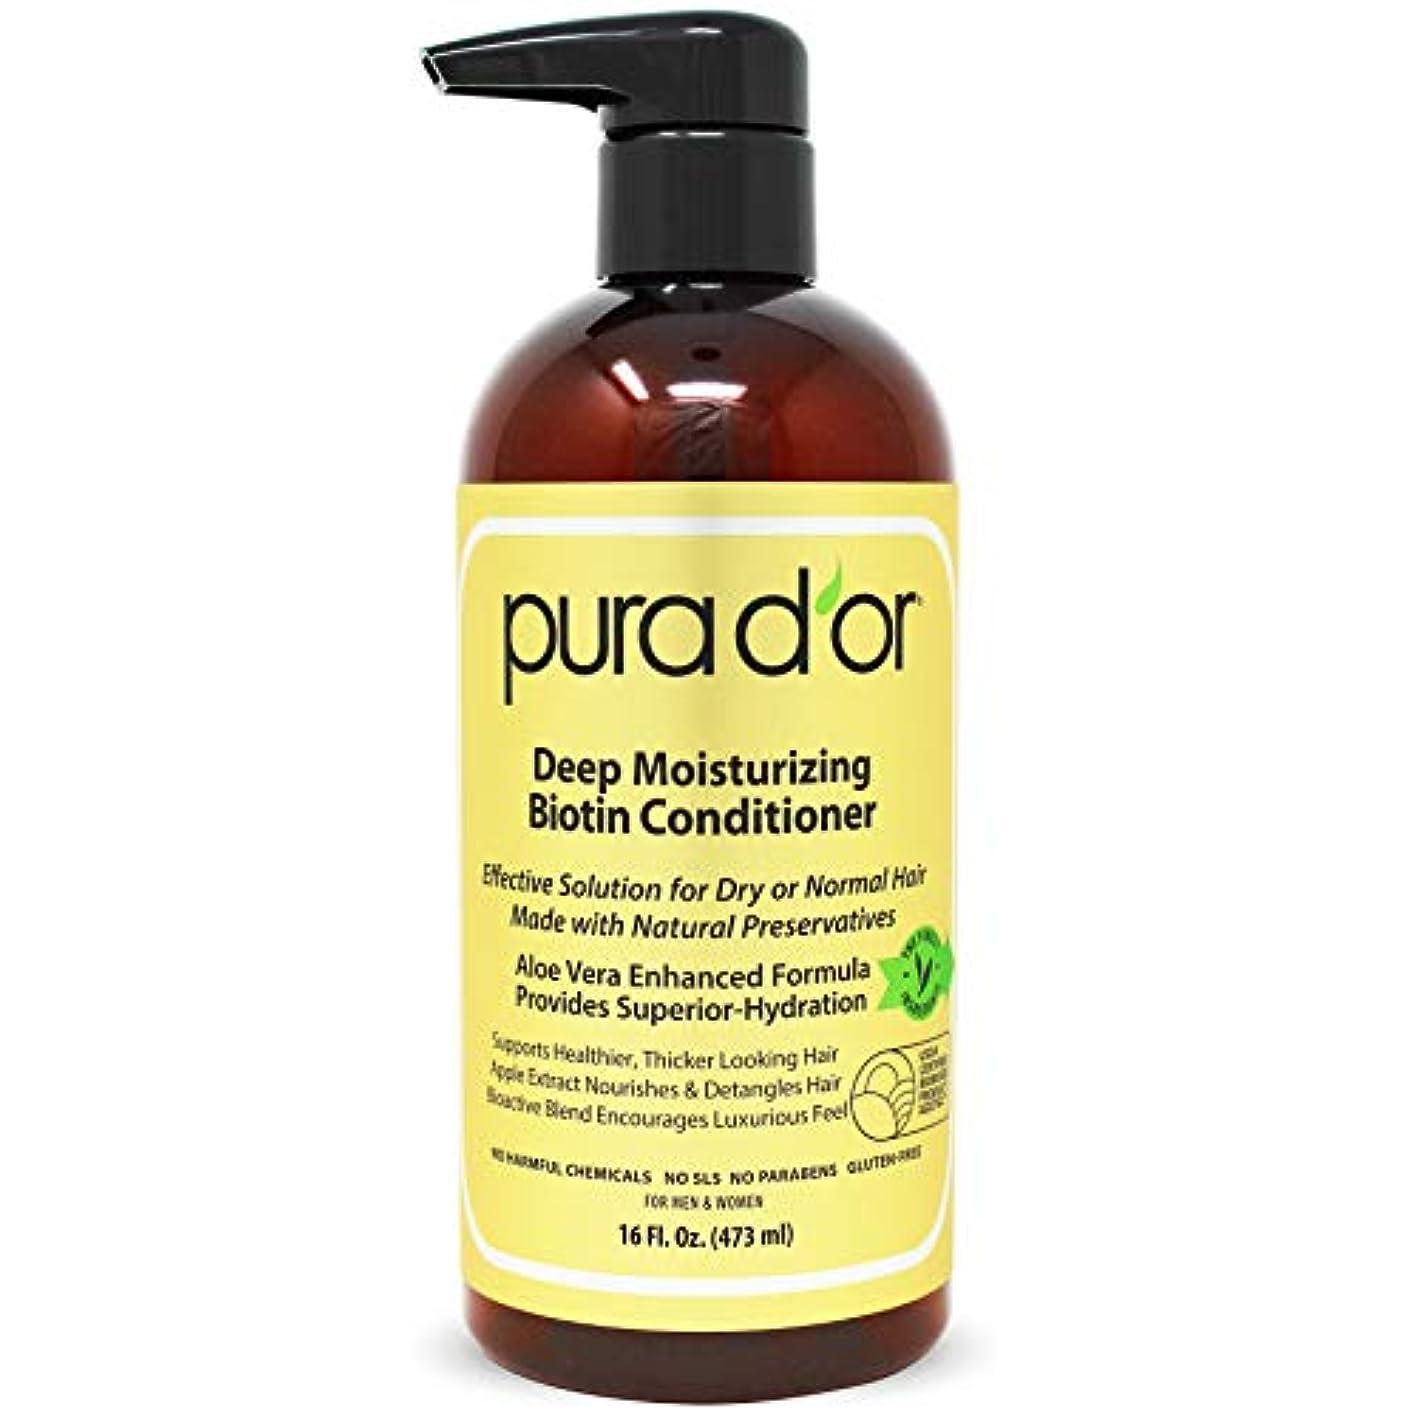 浸した幸運マートPURA D'OR Deep Moisturizing Premium Organic Argan Oil & Aloe Vera Conditioner, 16 Fluid Ounce (473ml)プラドール ディープモイスチャライジング...